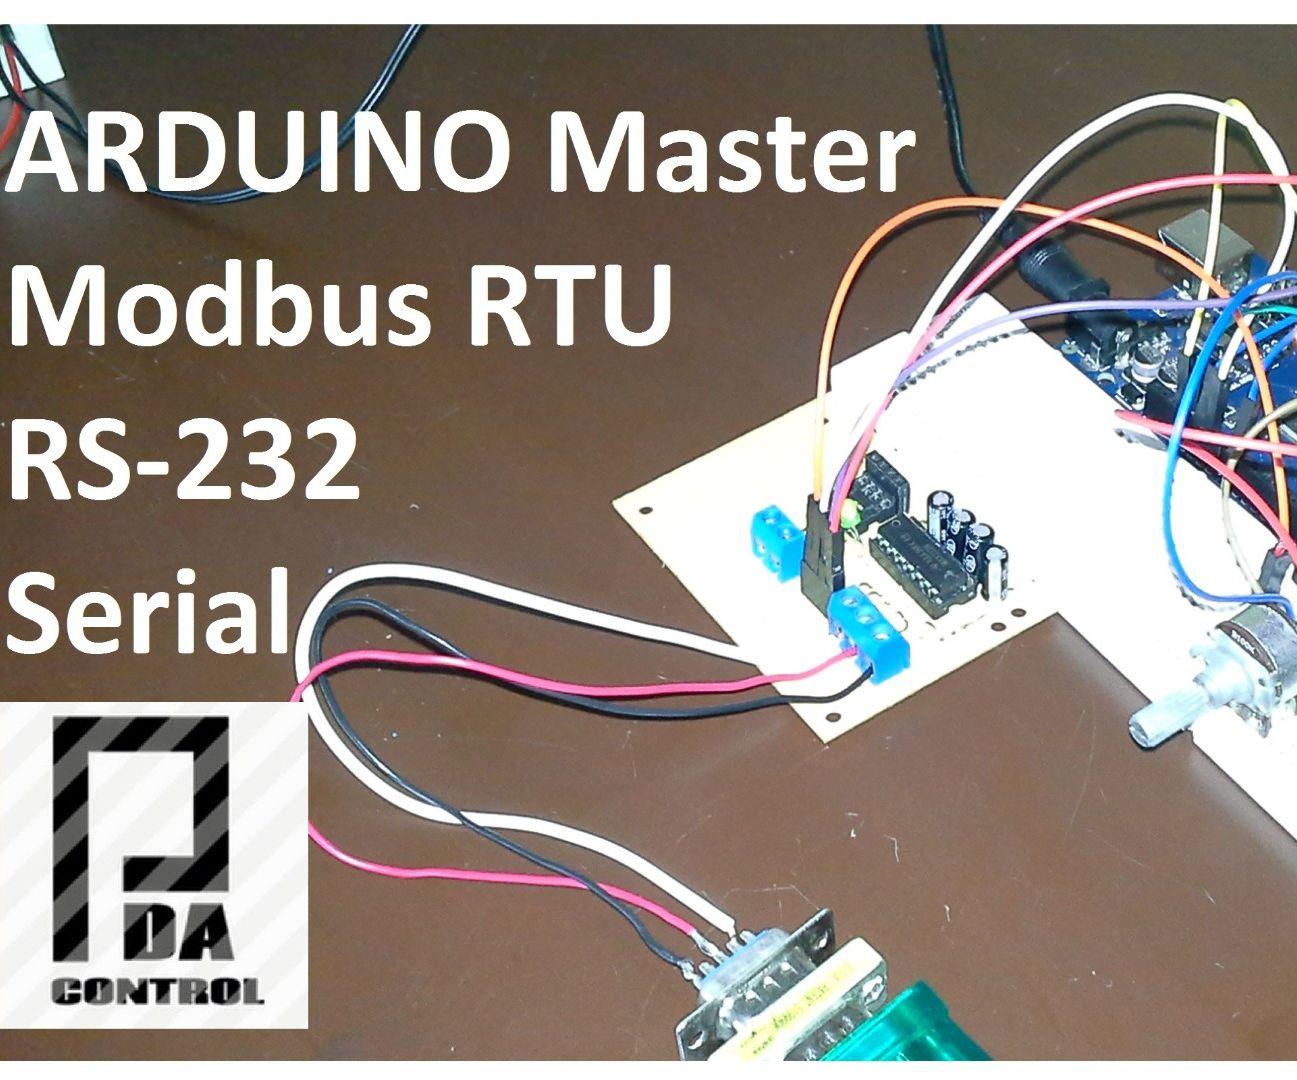 Modbus RTU Master With Arduino Via RS232 : 3 Steps